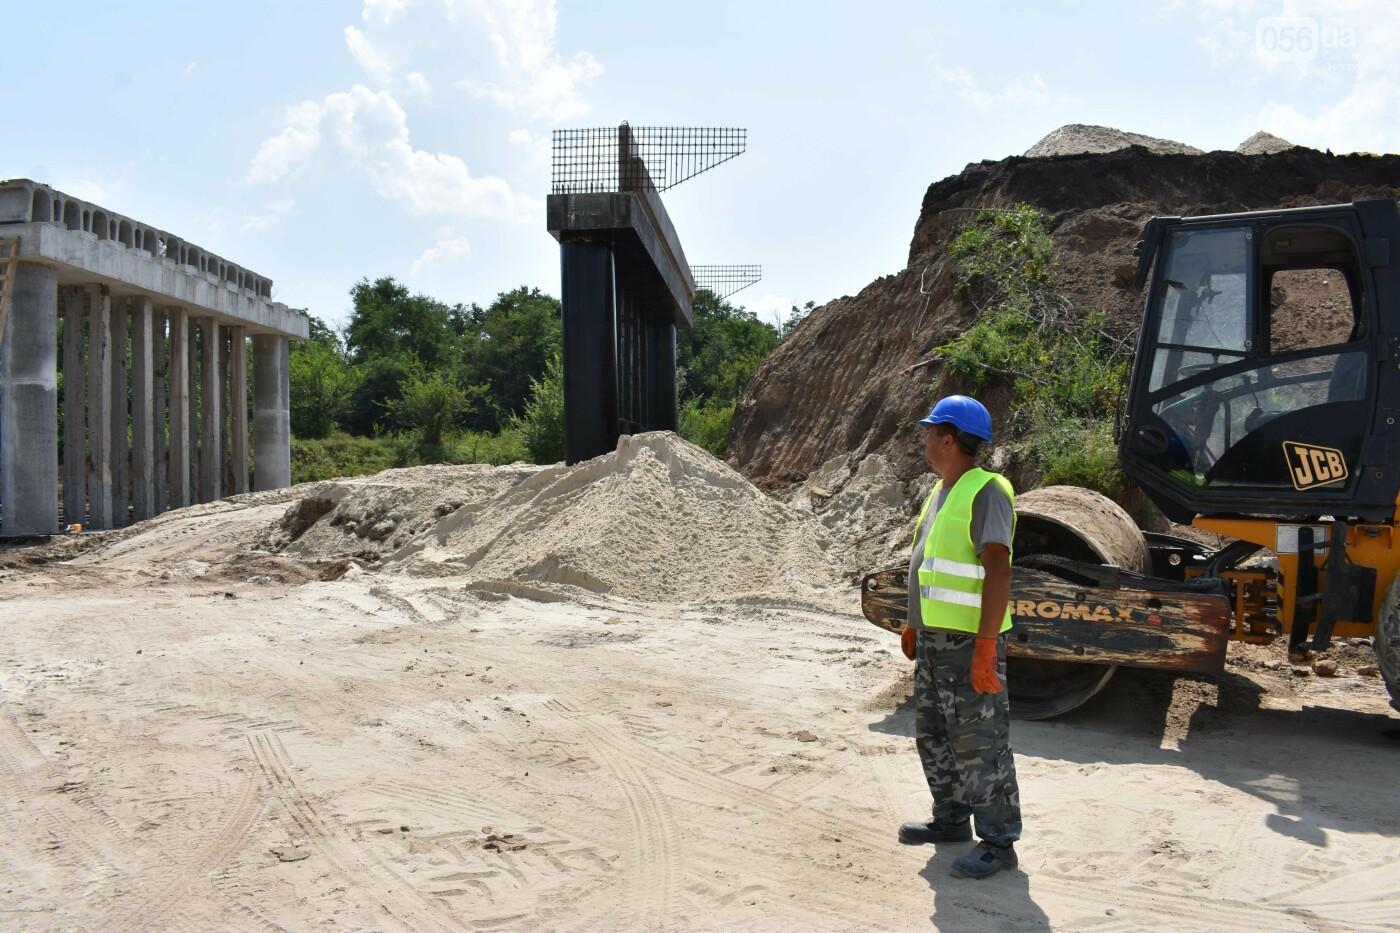 На Днепропетрощине разобрали а потом собрали автодорожный путепровод: ремонт идет 24/7, фото-3